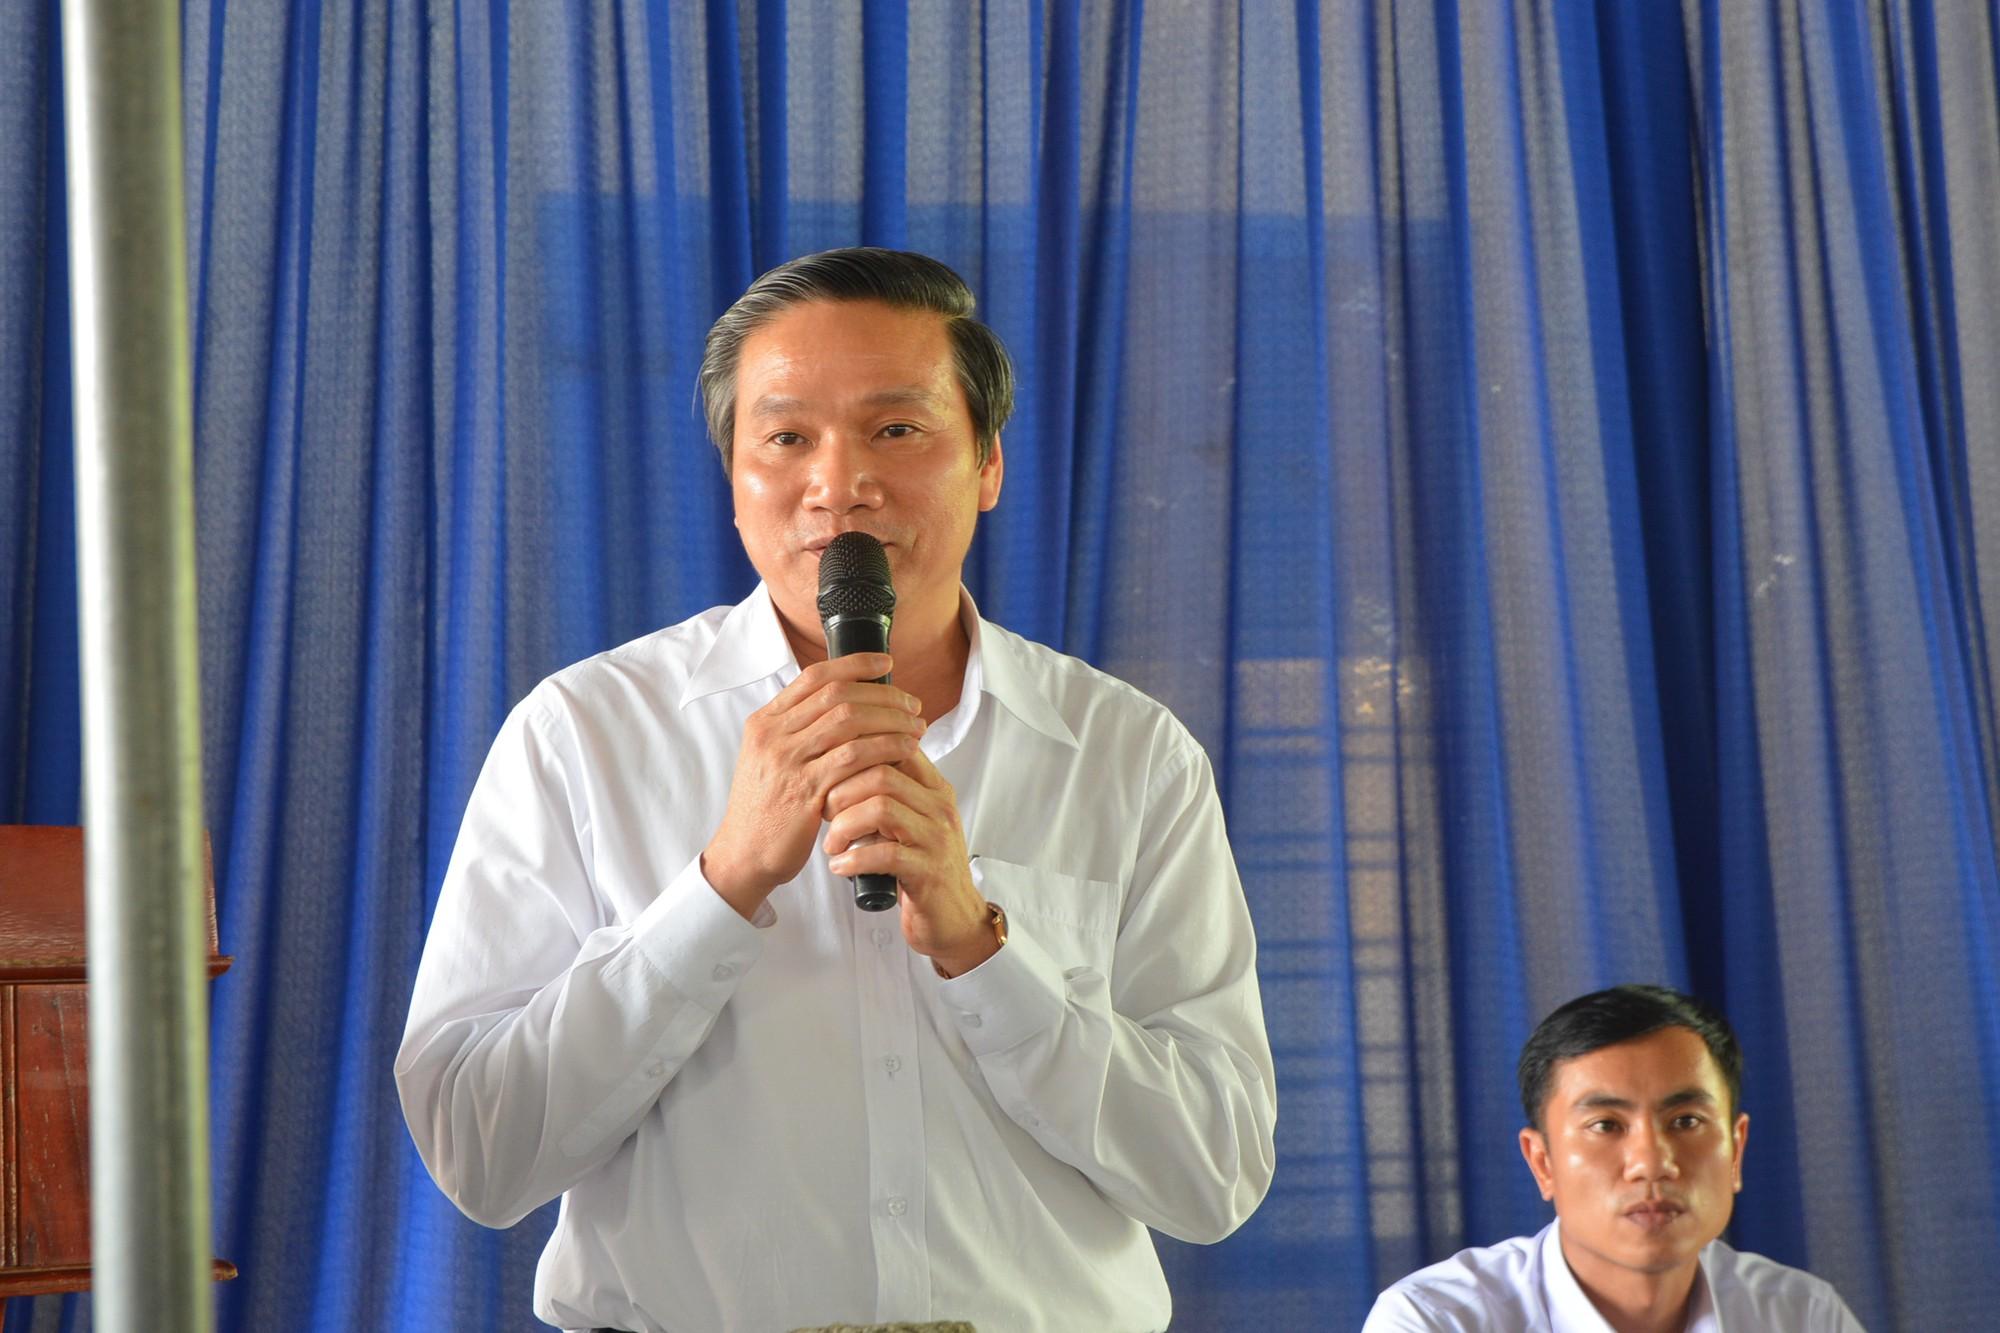 Công ty Thép Dana Ý kiện UBND TP Đà Nẵng vì bị xử phạt 400 triệu đồng - Ảnh 1.